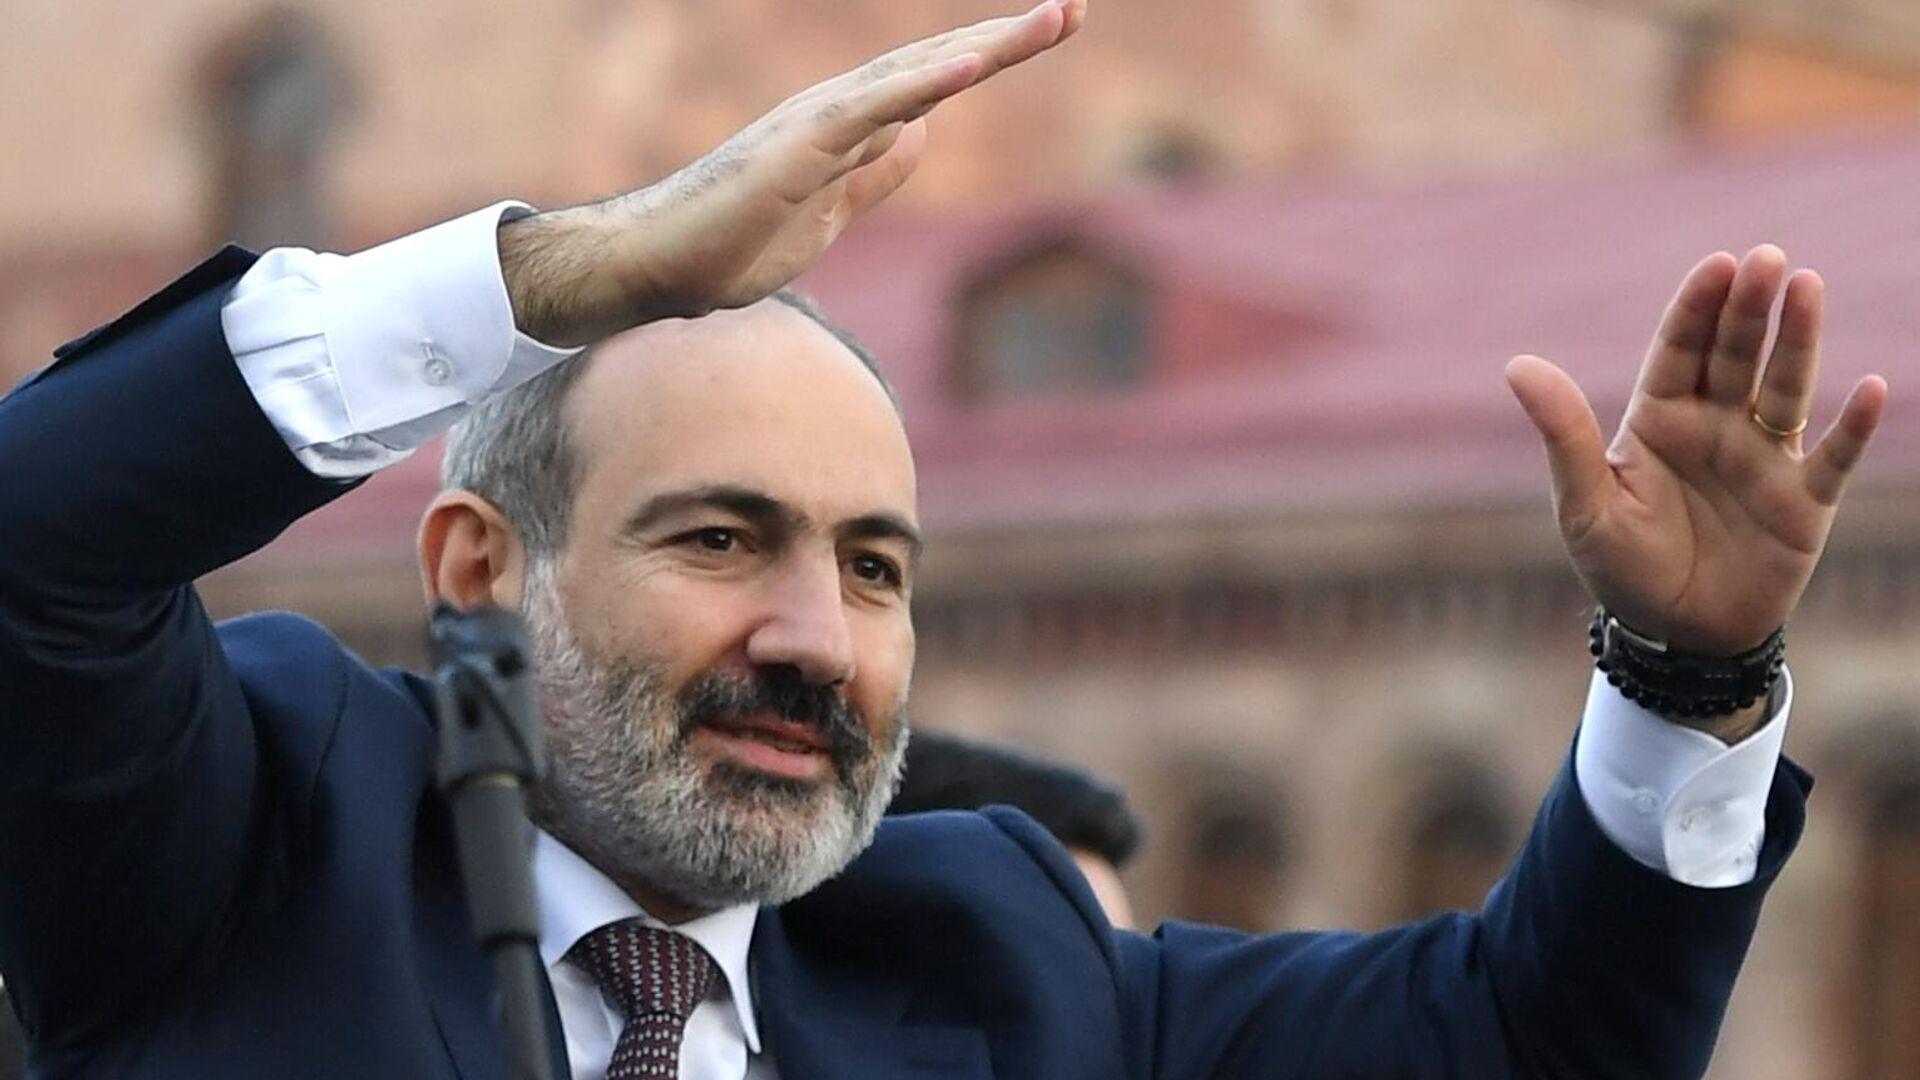 Премьер-министр Никол Пашинян выступает перед своими сторонниками в Ереване - РИА Новости, 1920, 27.02.2021